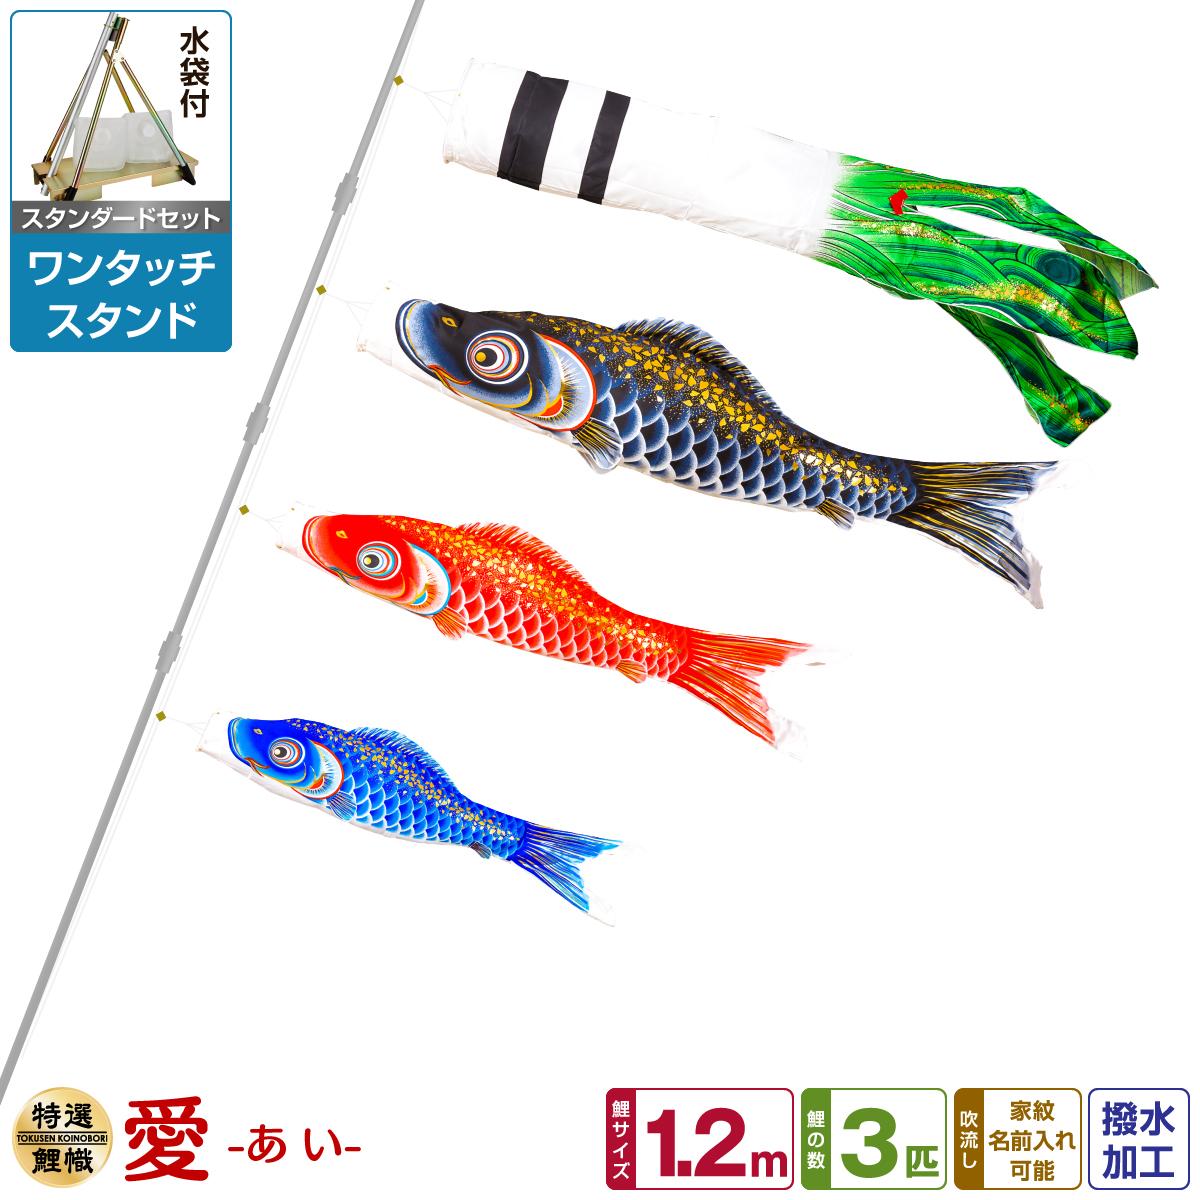 ベランダ用 こいのぼり 鯉のぼり 愛 1.2m 6点(吹流し+鯉3匹+矢車+ロープ)/スタンダードセット(ワンタッチスタンド)